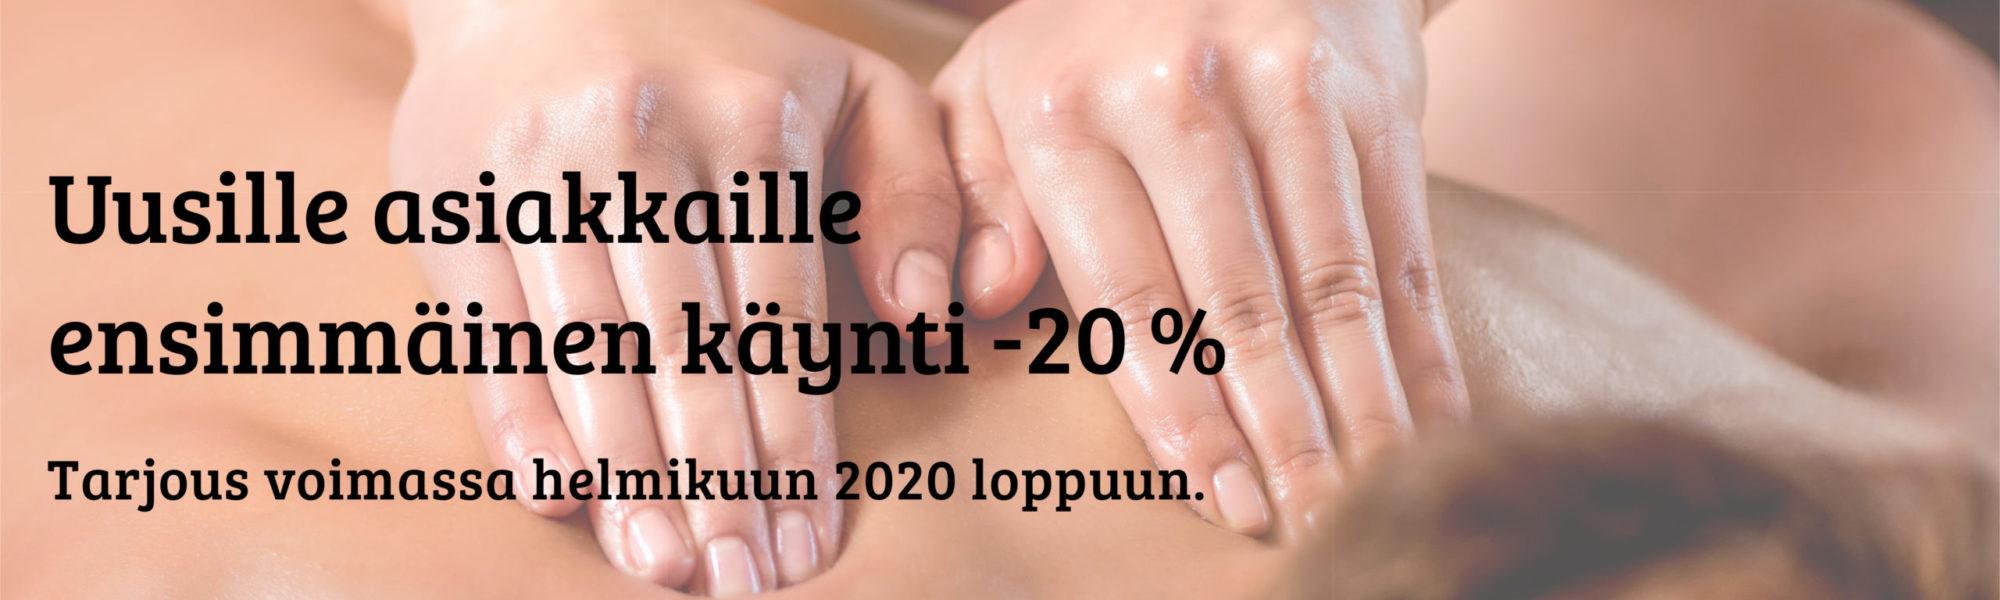 Mervi Mäntynen